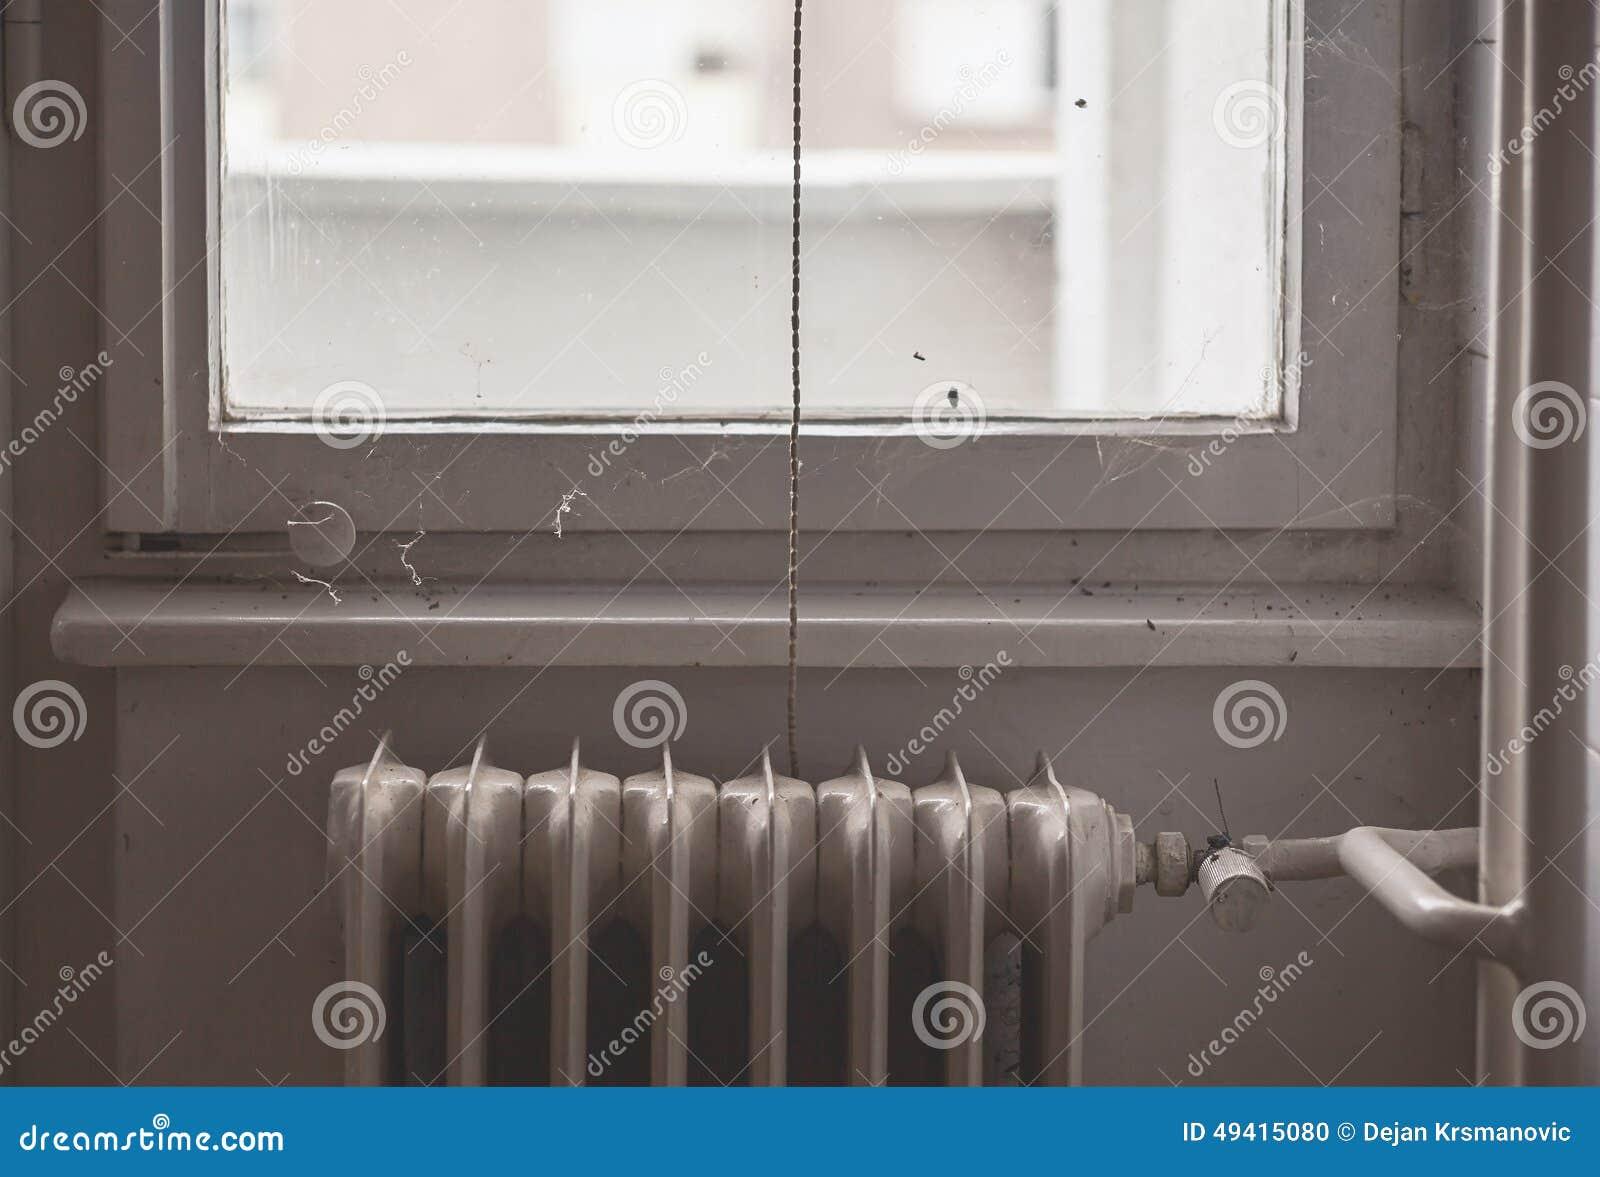 Download Am Fenster stockfoto. Bild von illustrativ, haushalt - 49415080